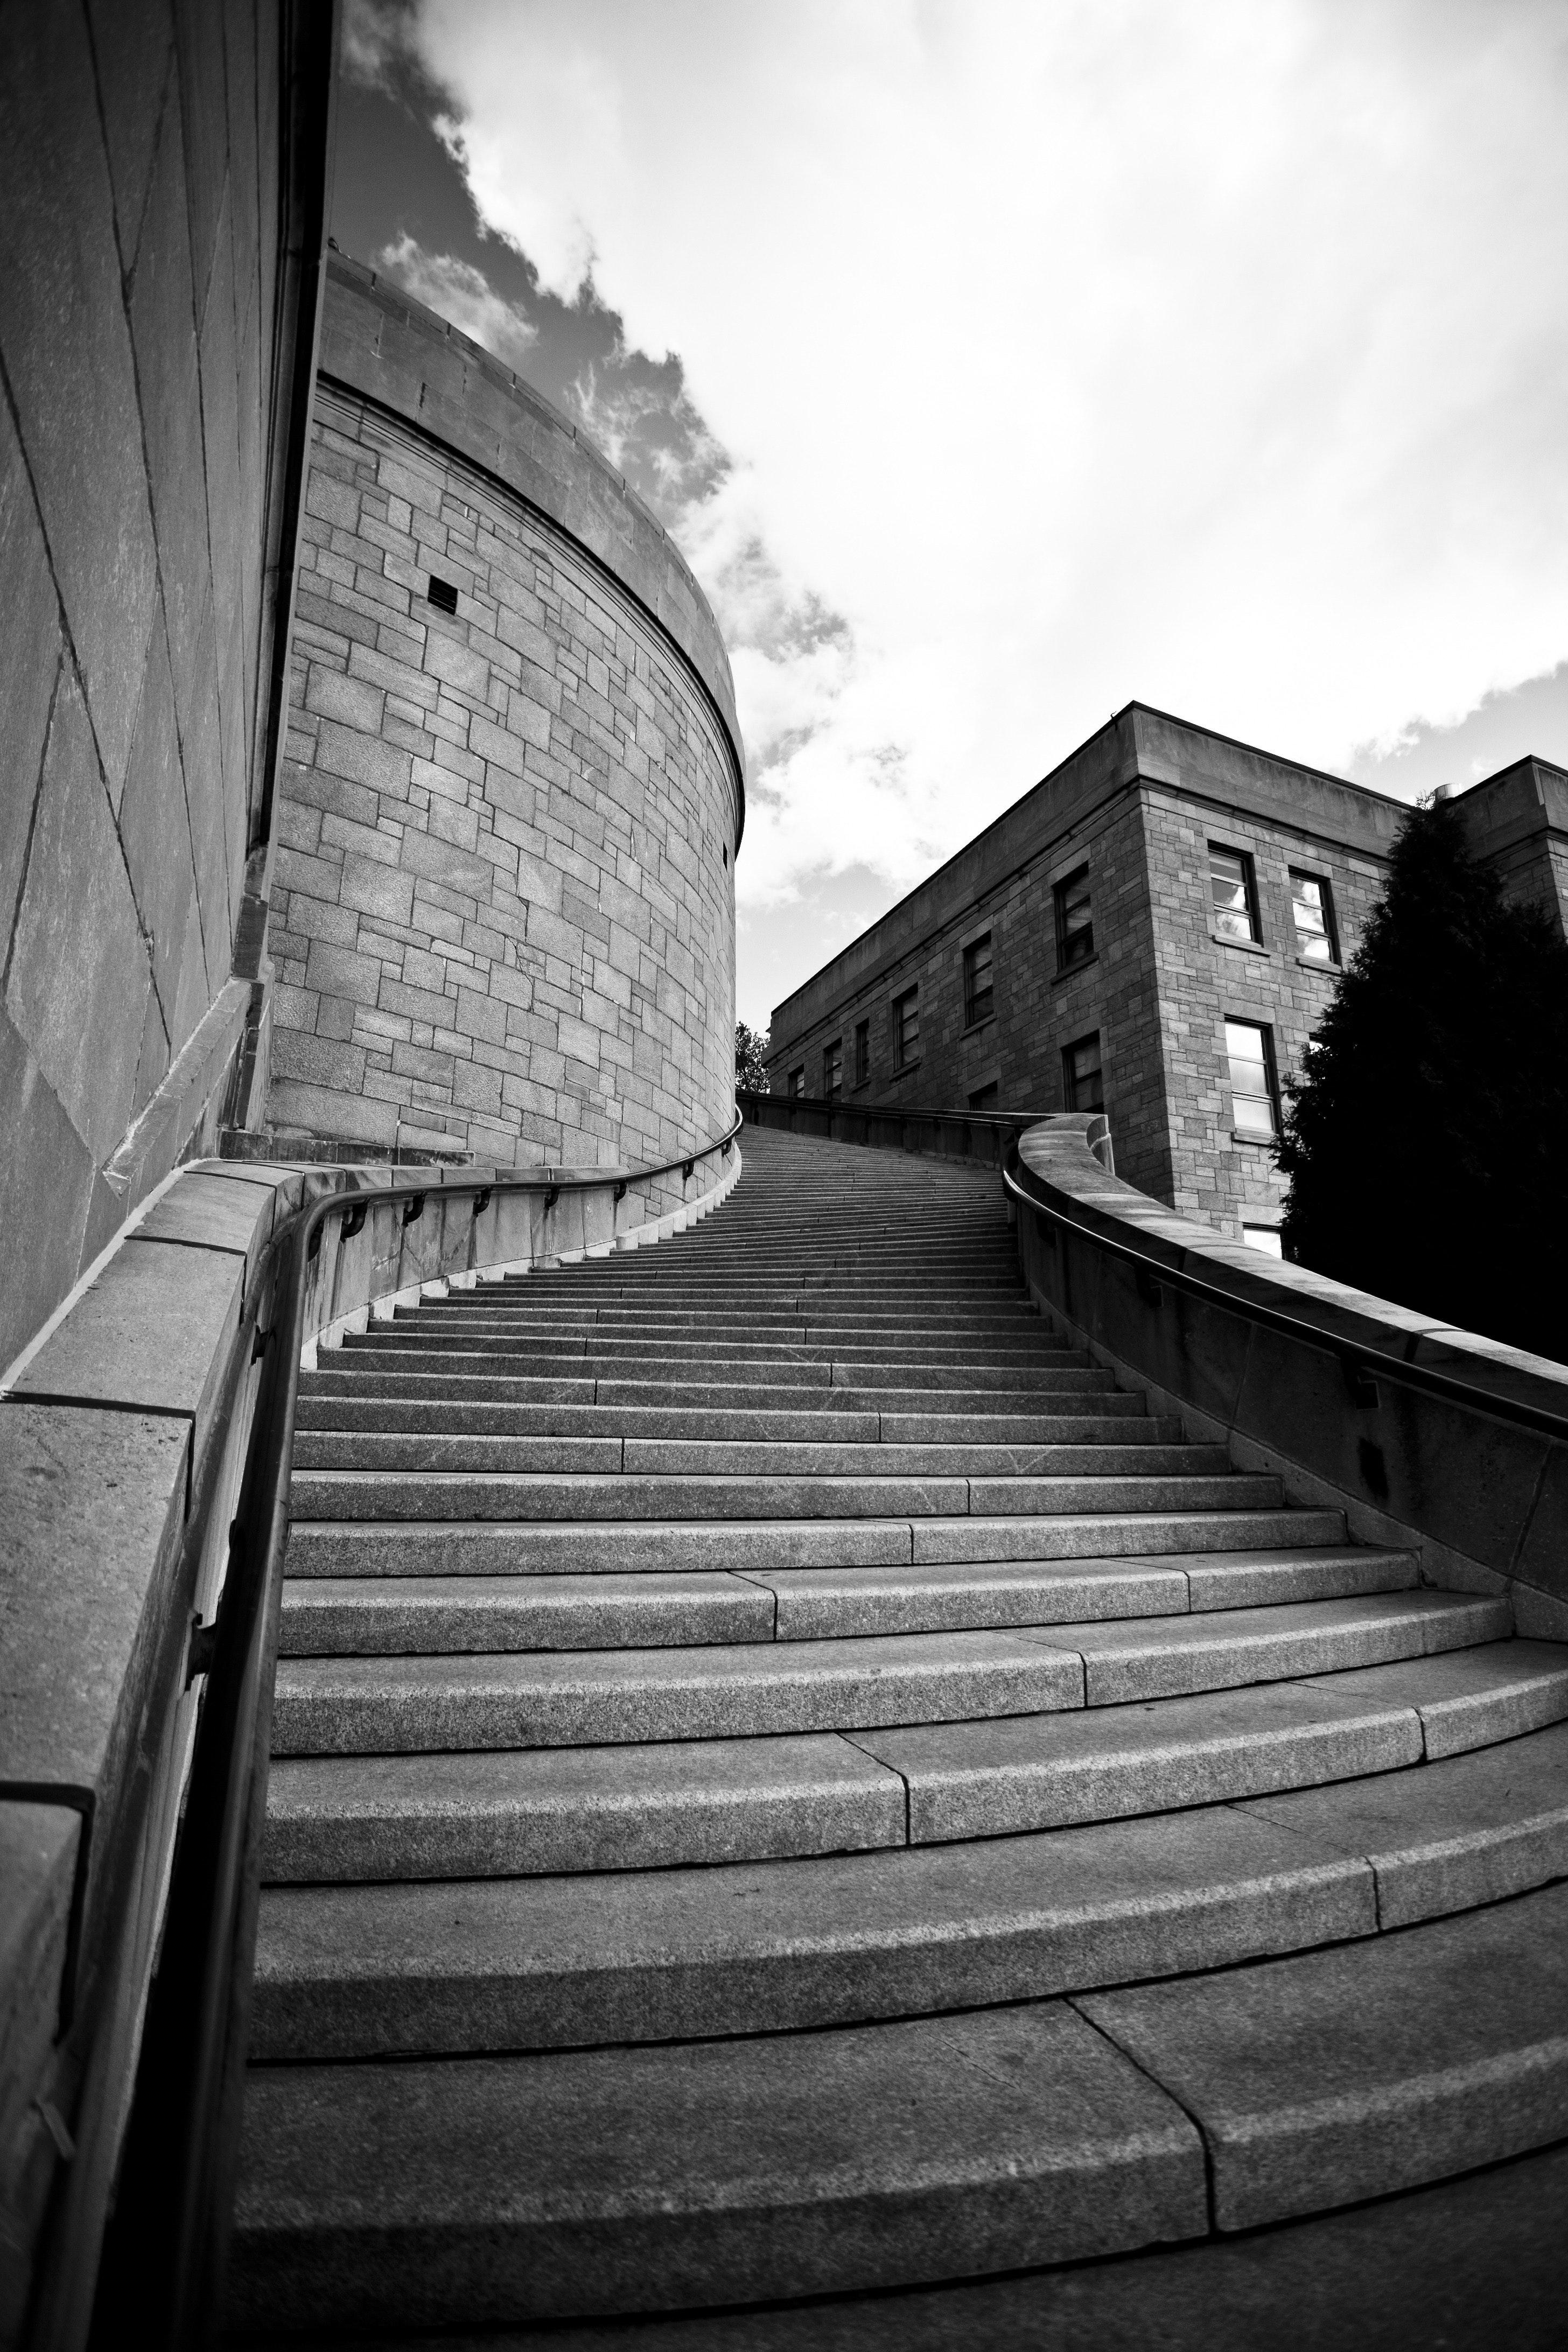 כמה דרכים קיימות לעלות מדרגות